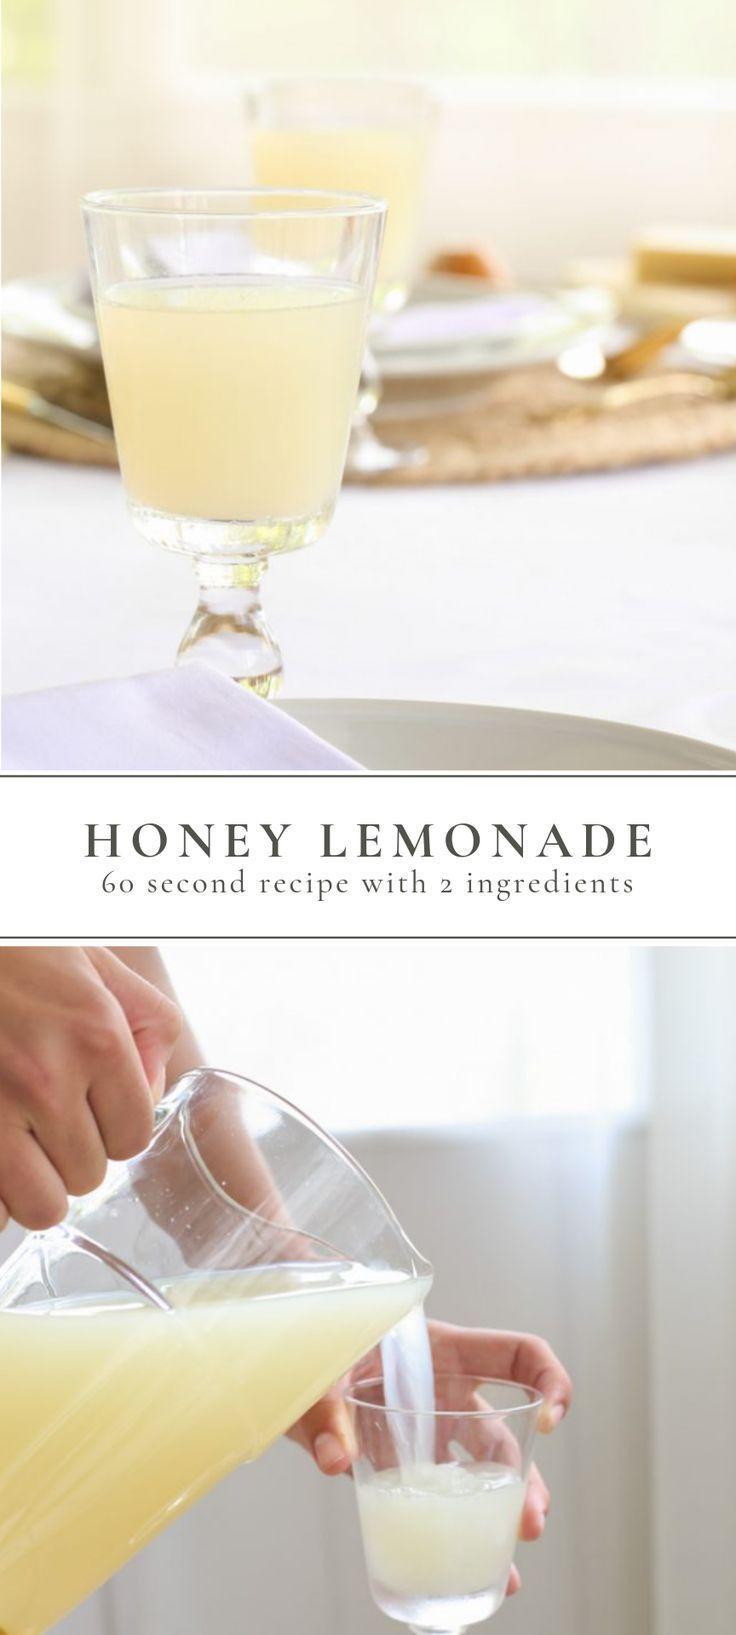 2 Ingredient Naturally Sweetened Honey Lemonade Recipe | Julie Blanner